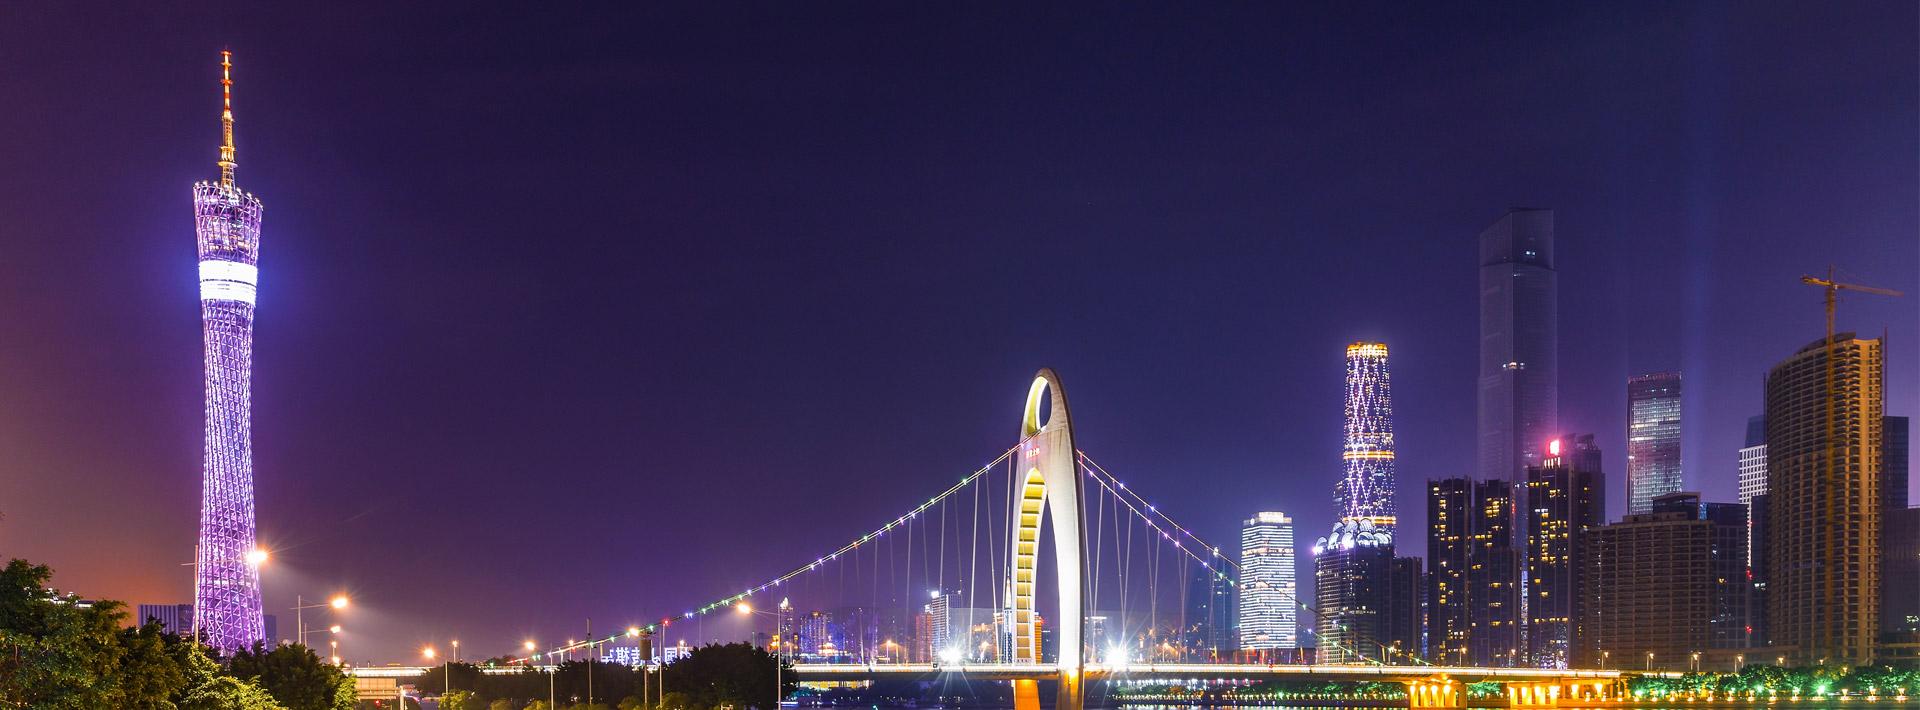 2016_09_20_guangzhoubanner_01